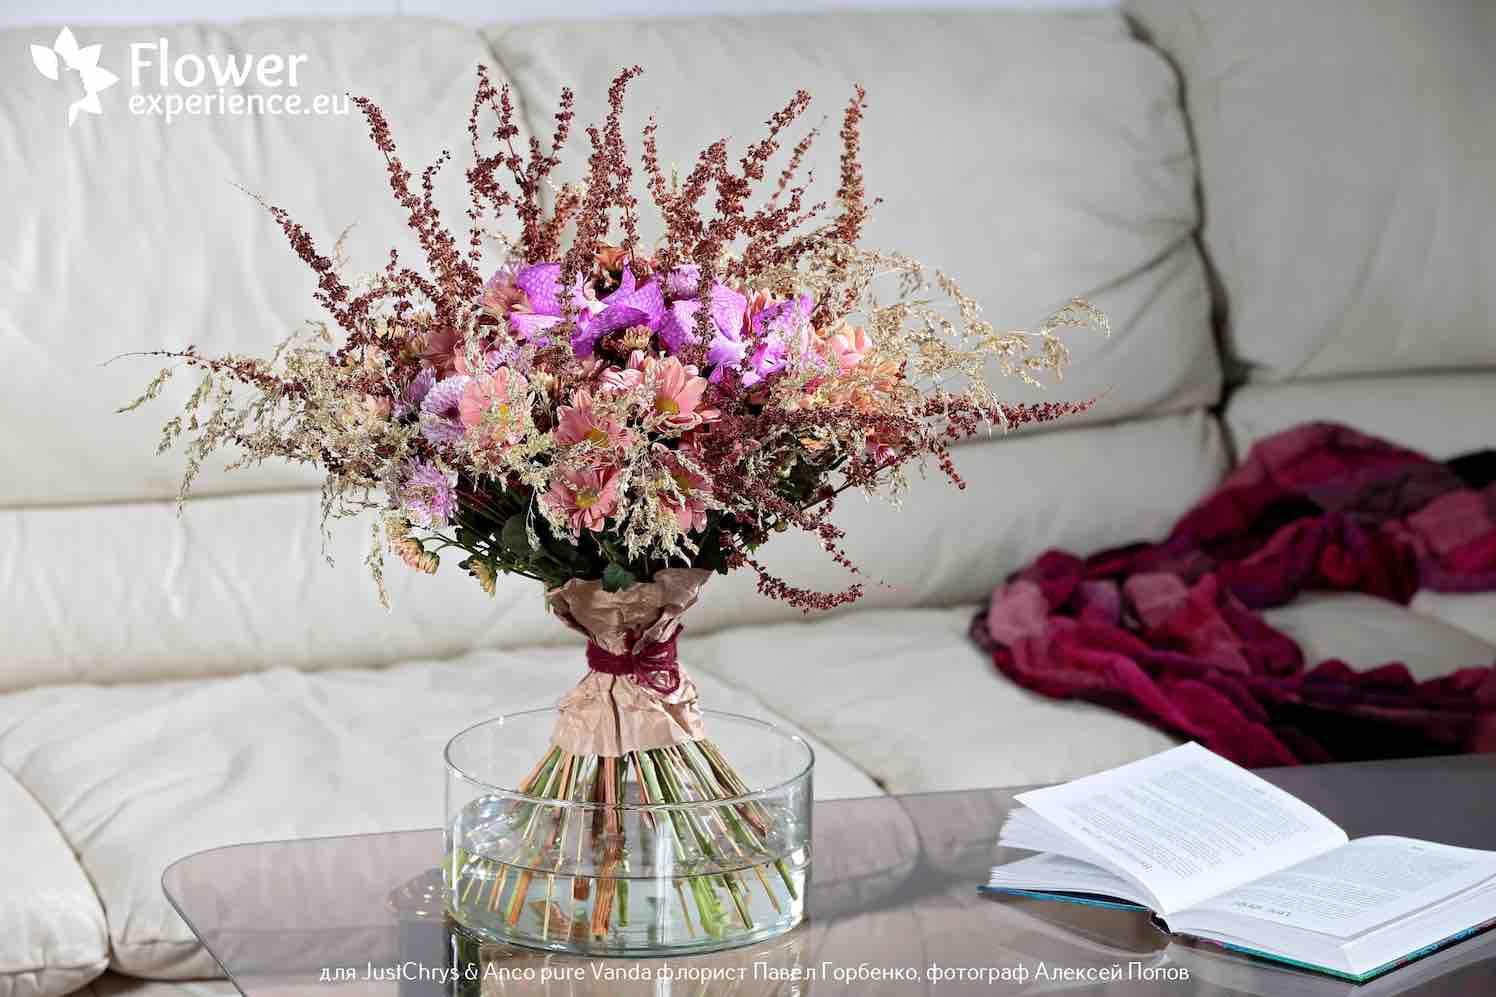 chrysanten-orchideeen